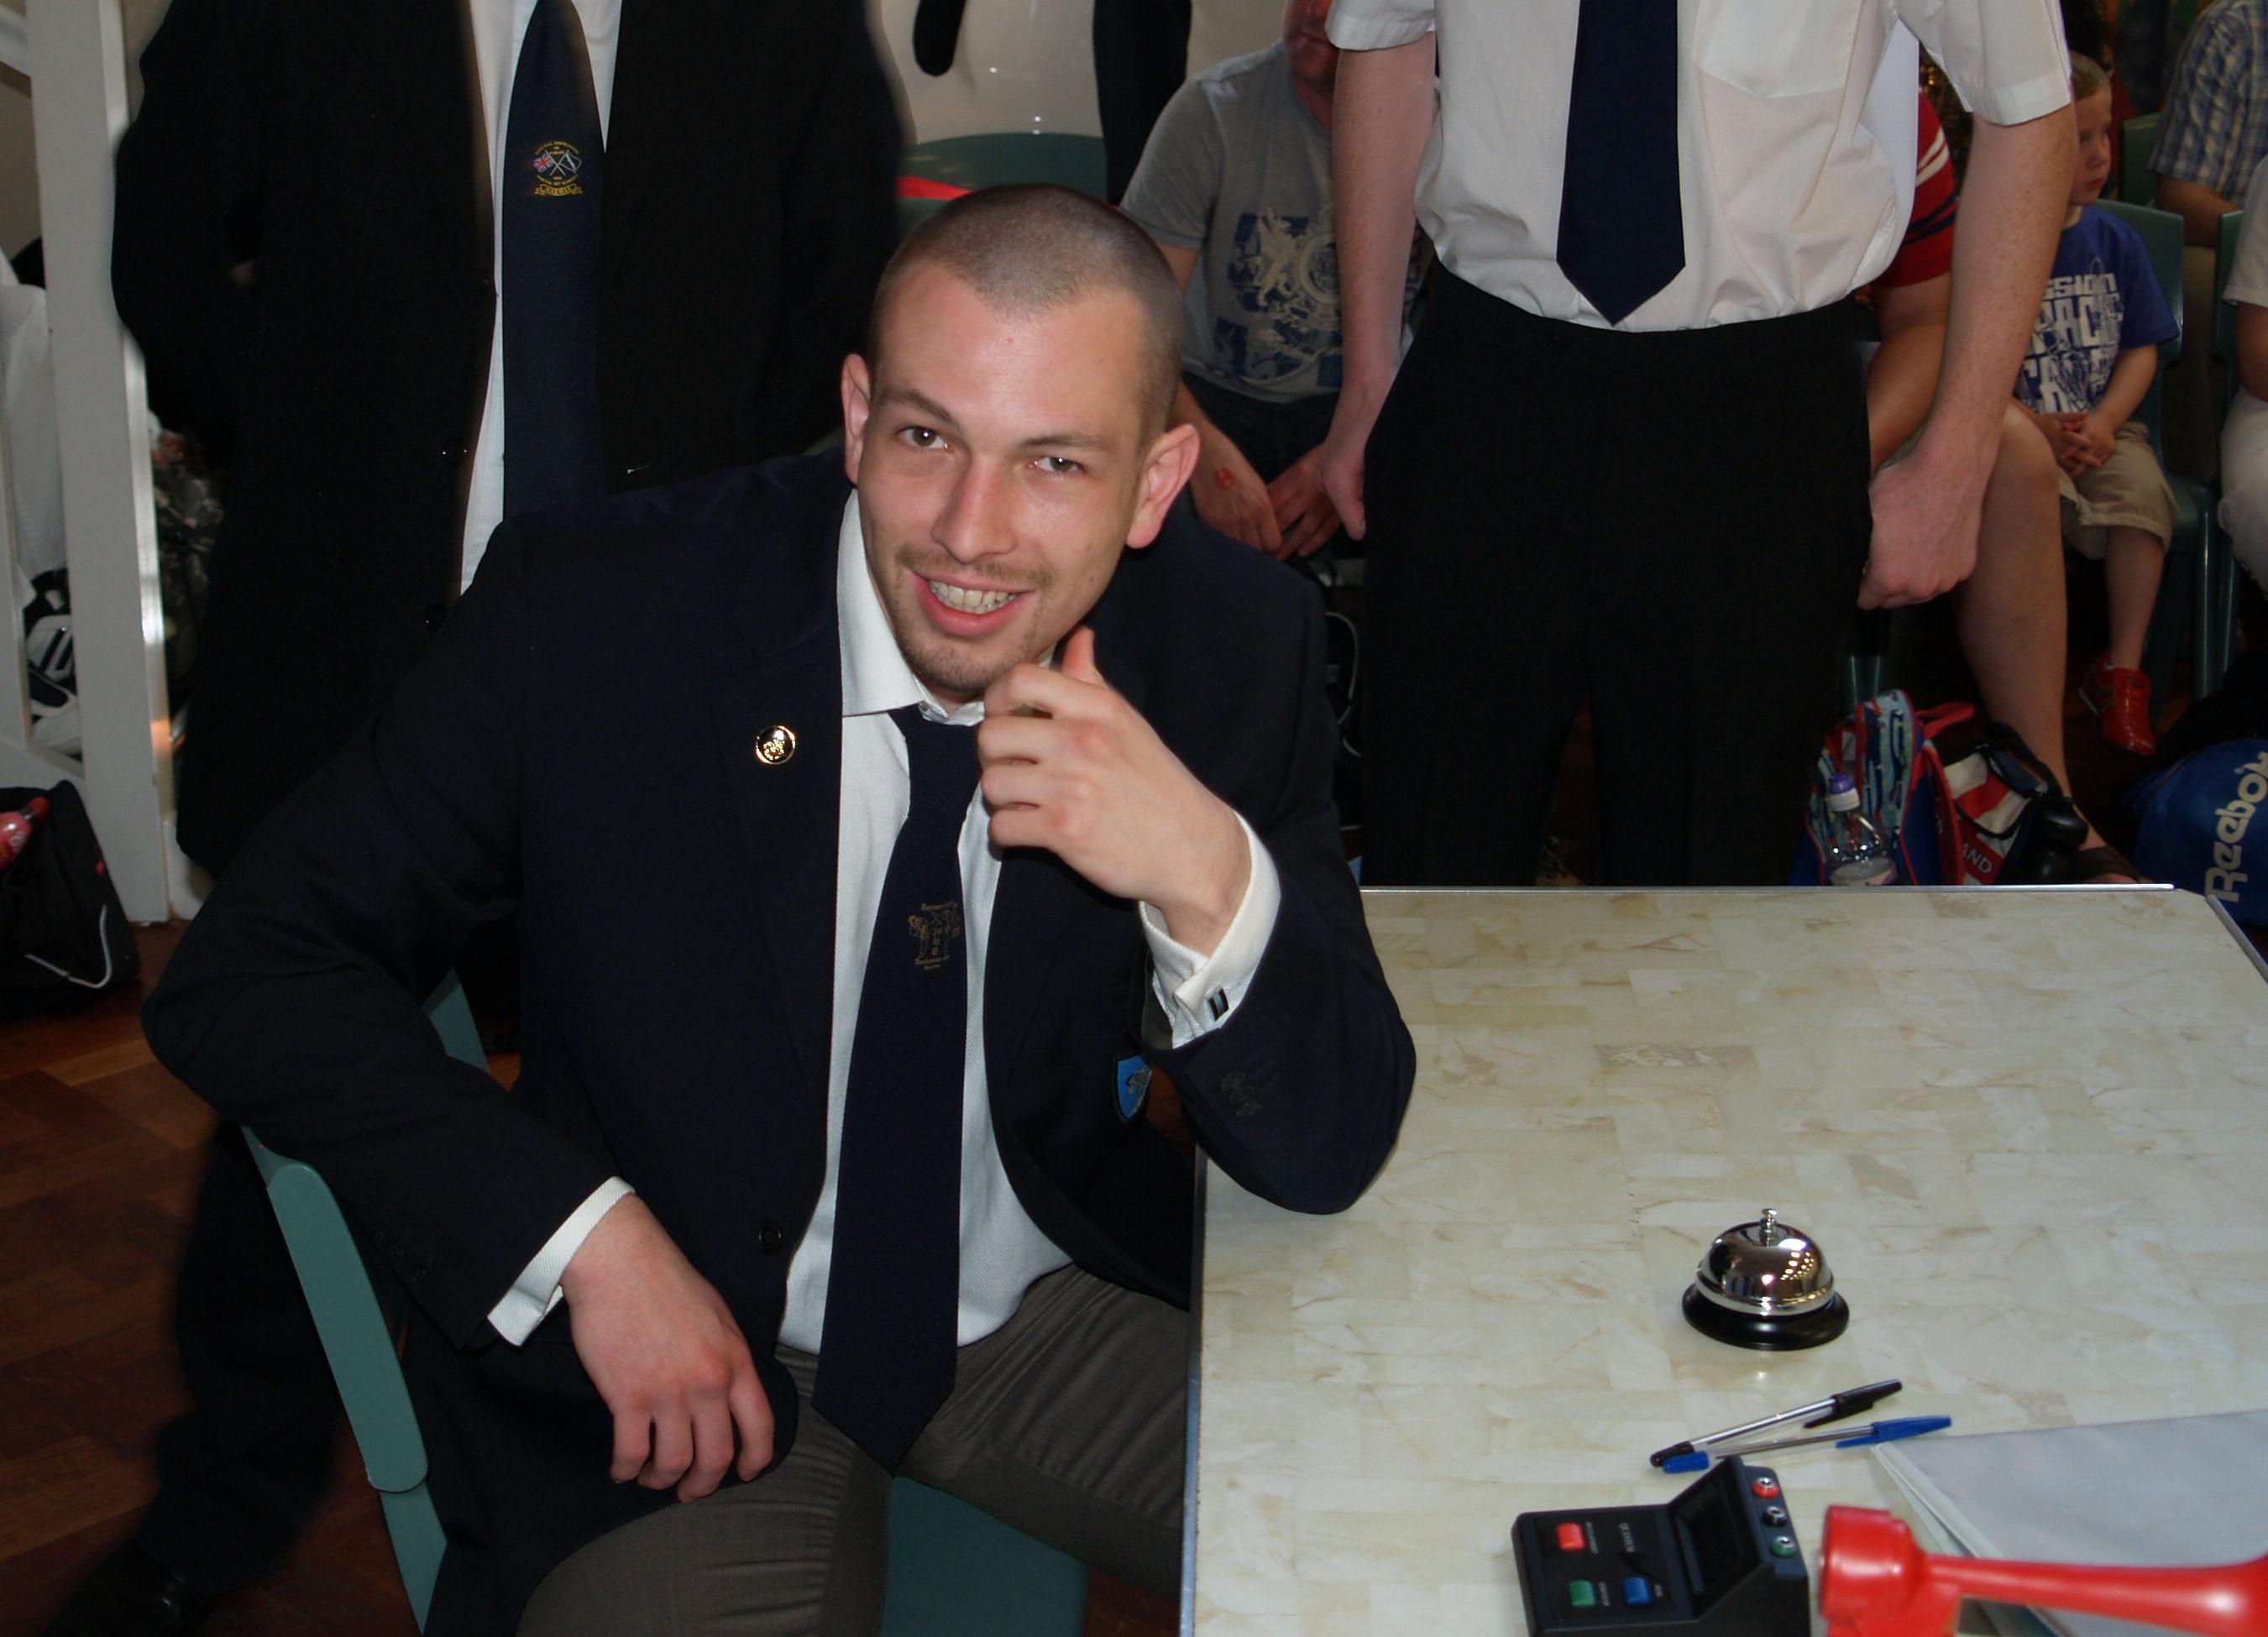 Mr Avis, 2011